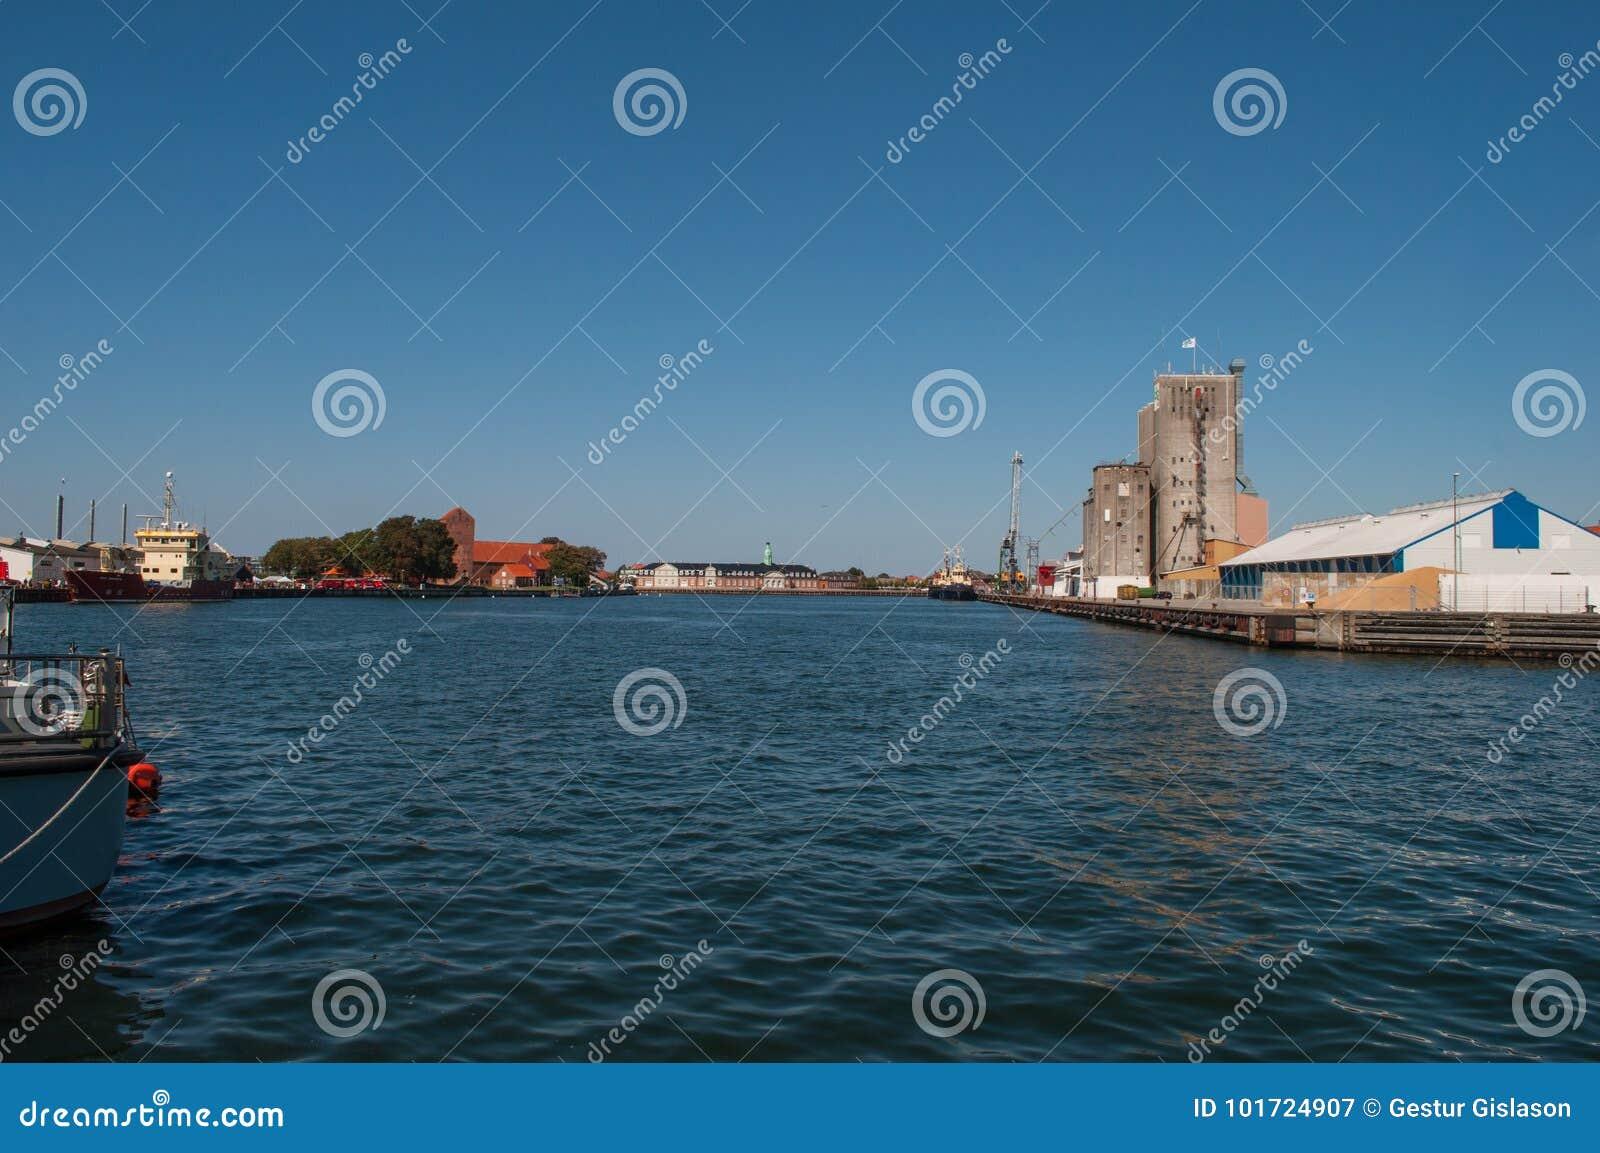 Porto di Korsoer in Danimarca